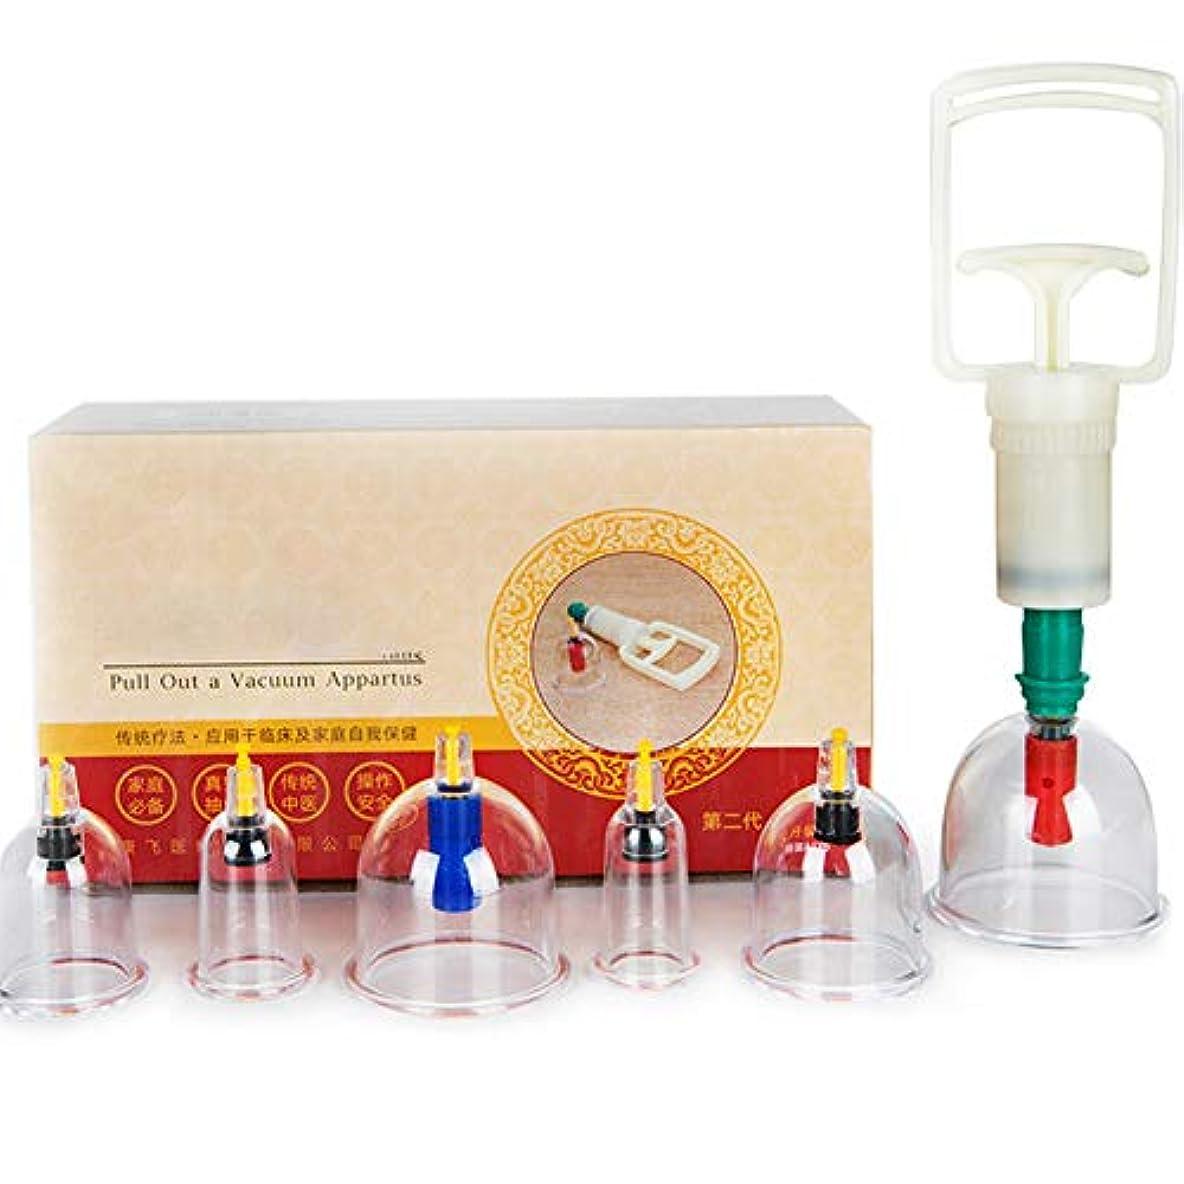 ヘルシー克服する表示6カップマッサージカッピングセット、真空吸引生体磁気磁気ポンプ、在宅医療、真空磁気ポンプ付き、ボディマッサージの痛みを軽減するため